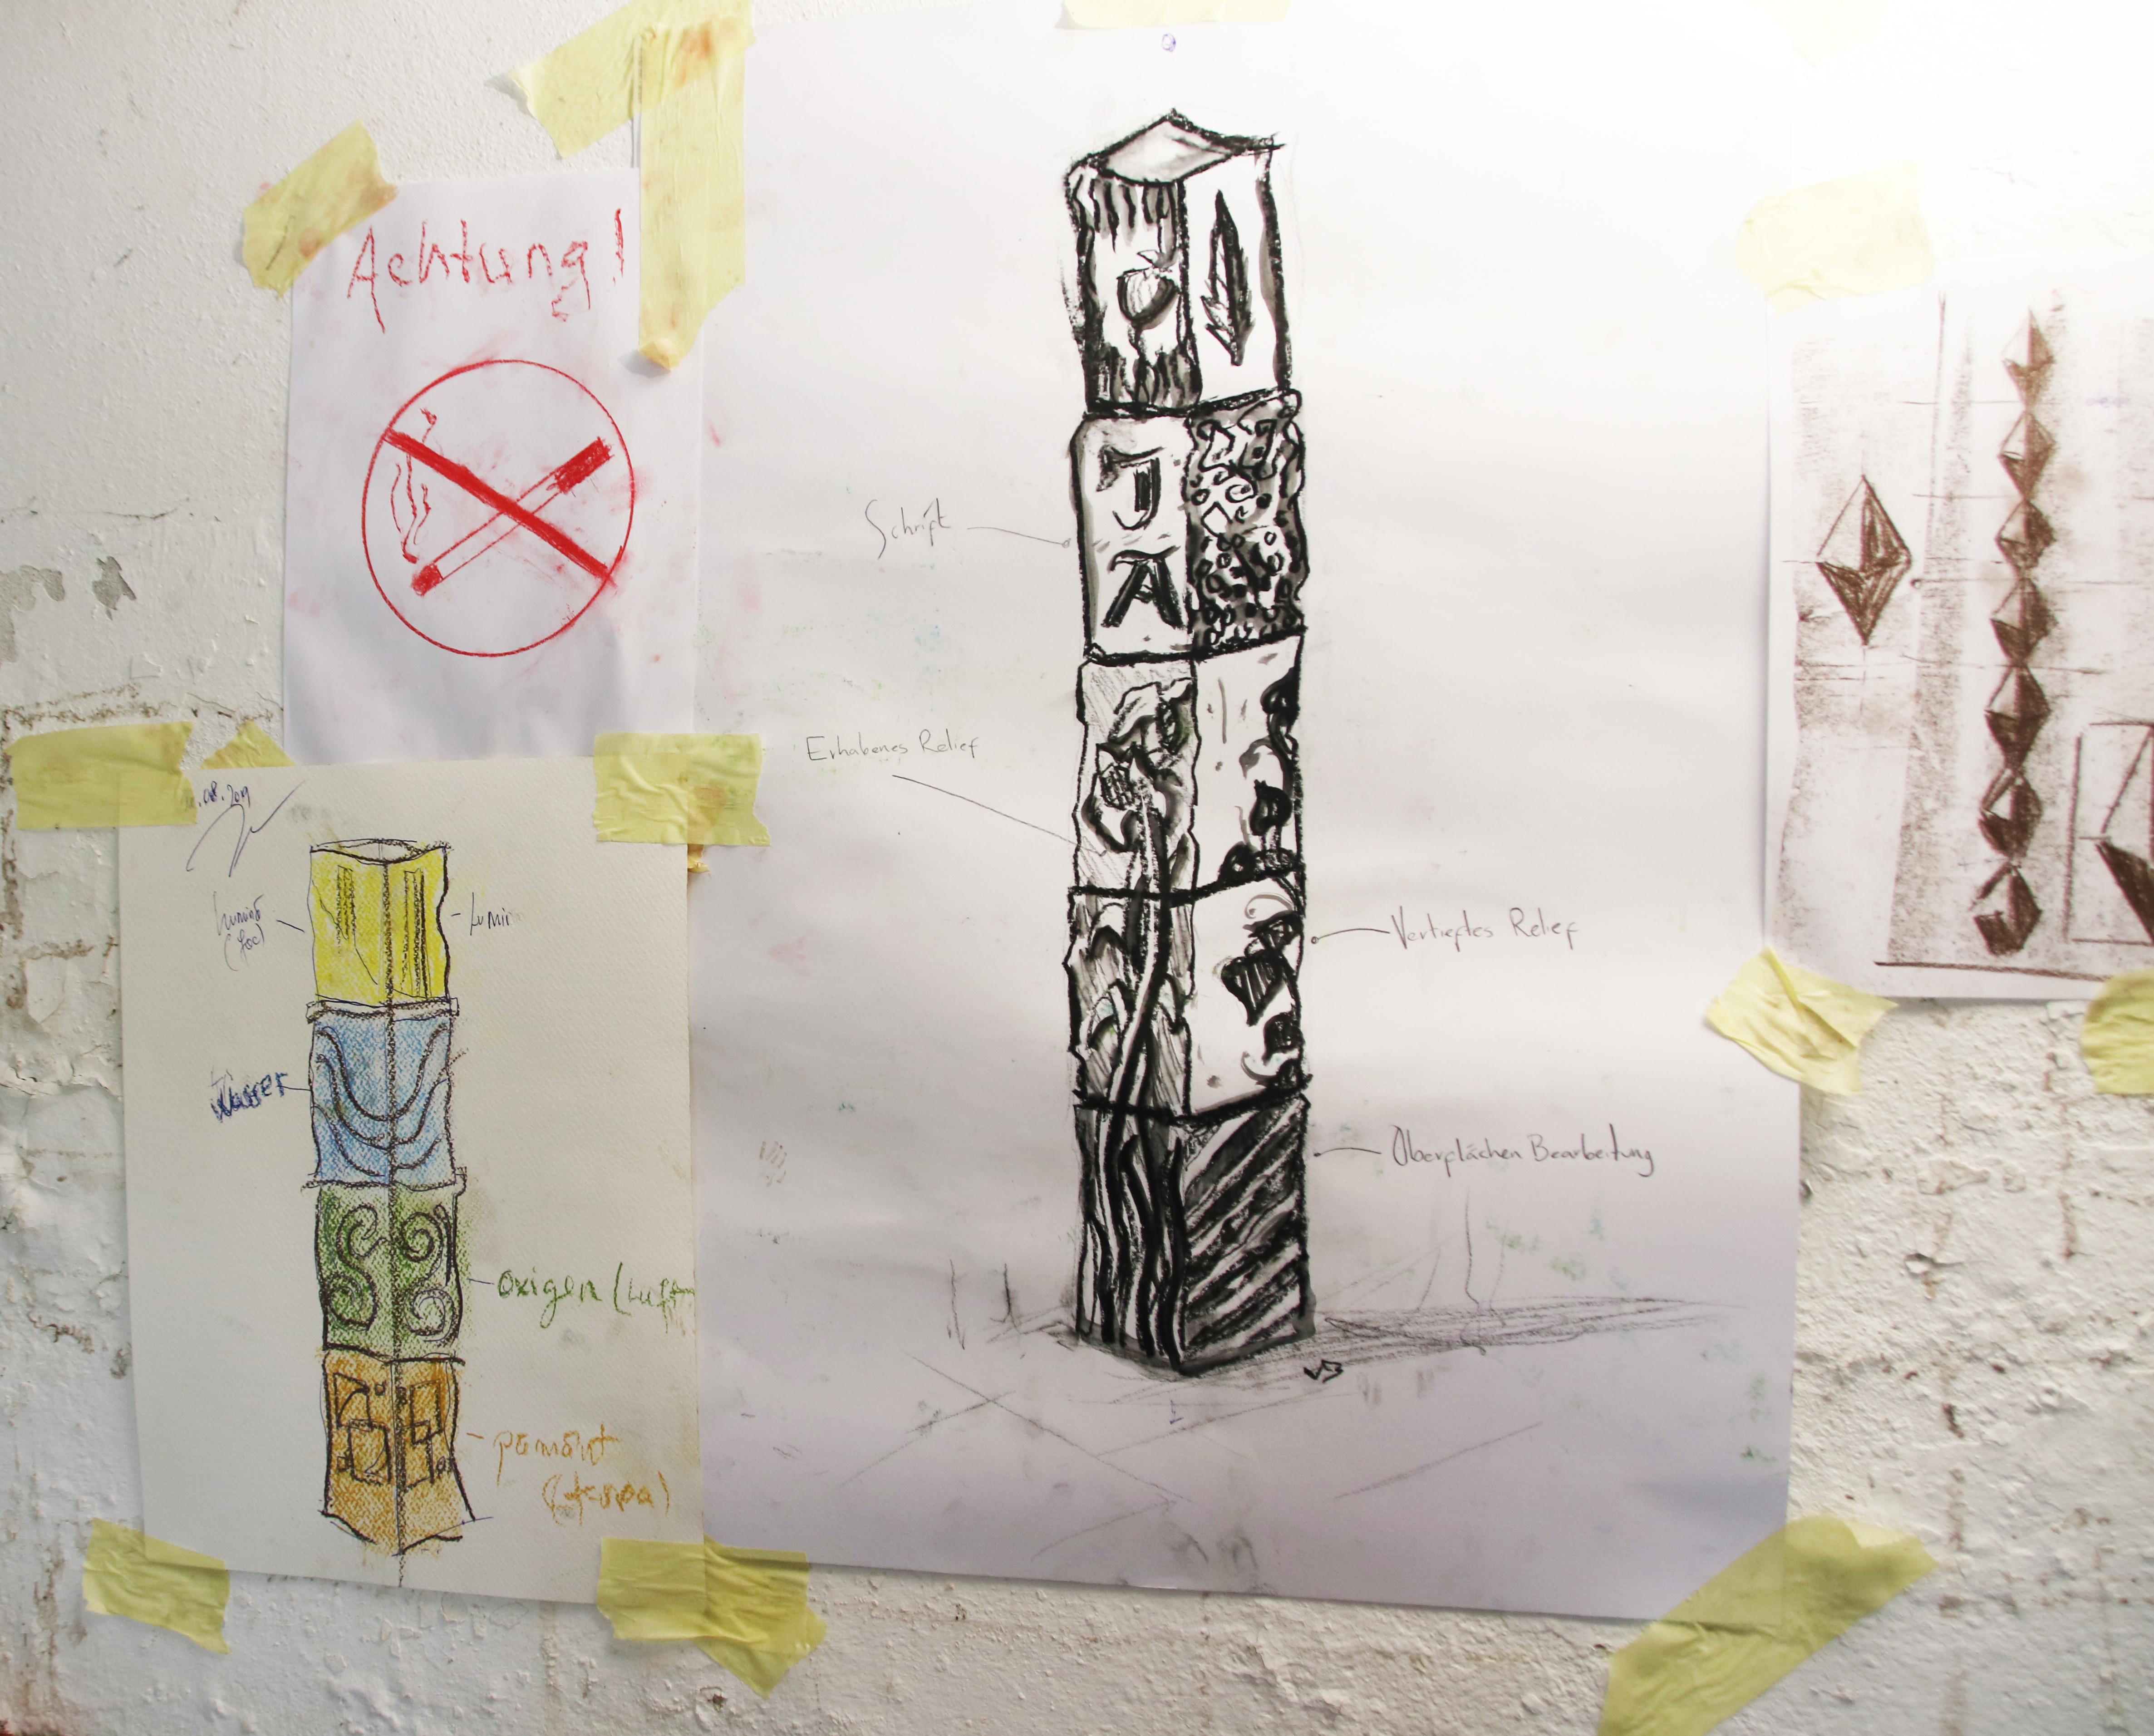 Skizzen mit verschiedenen Entwürfen an einer Wand